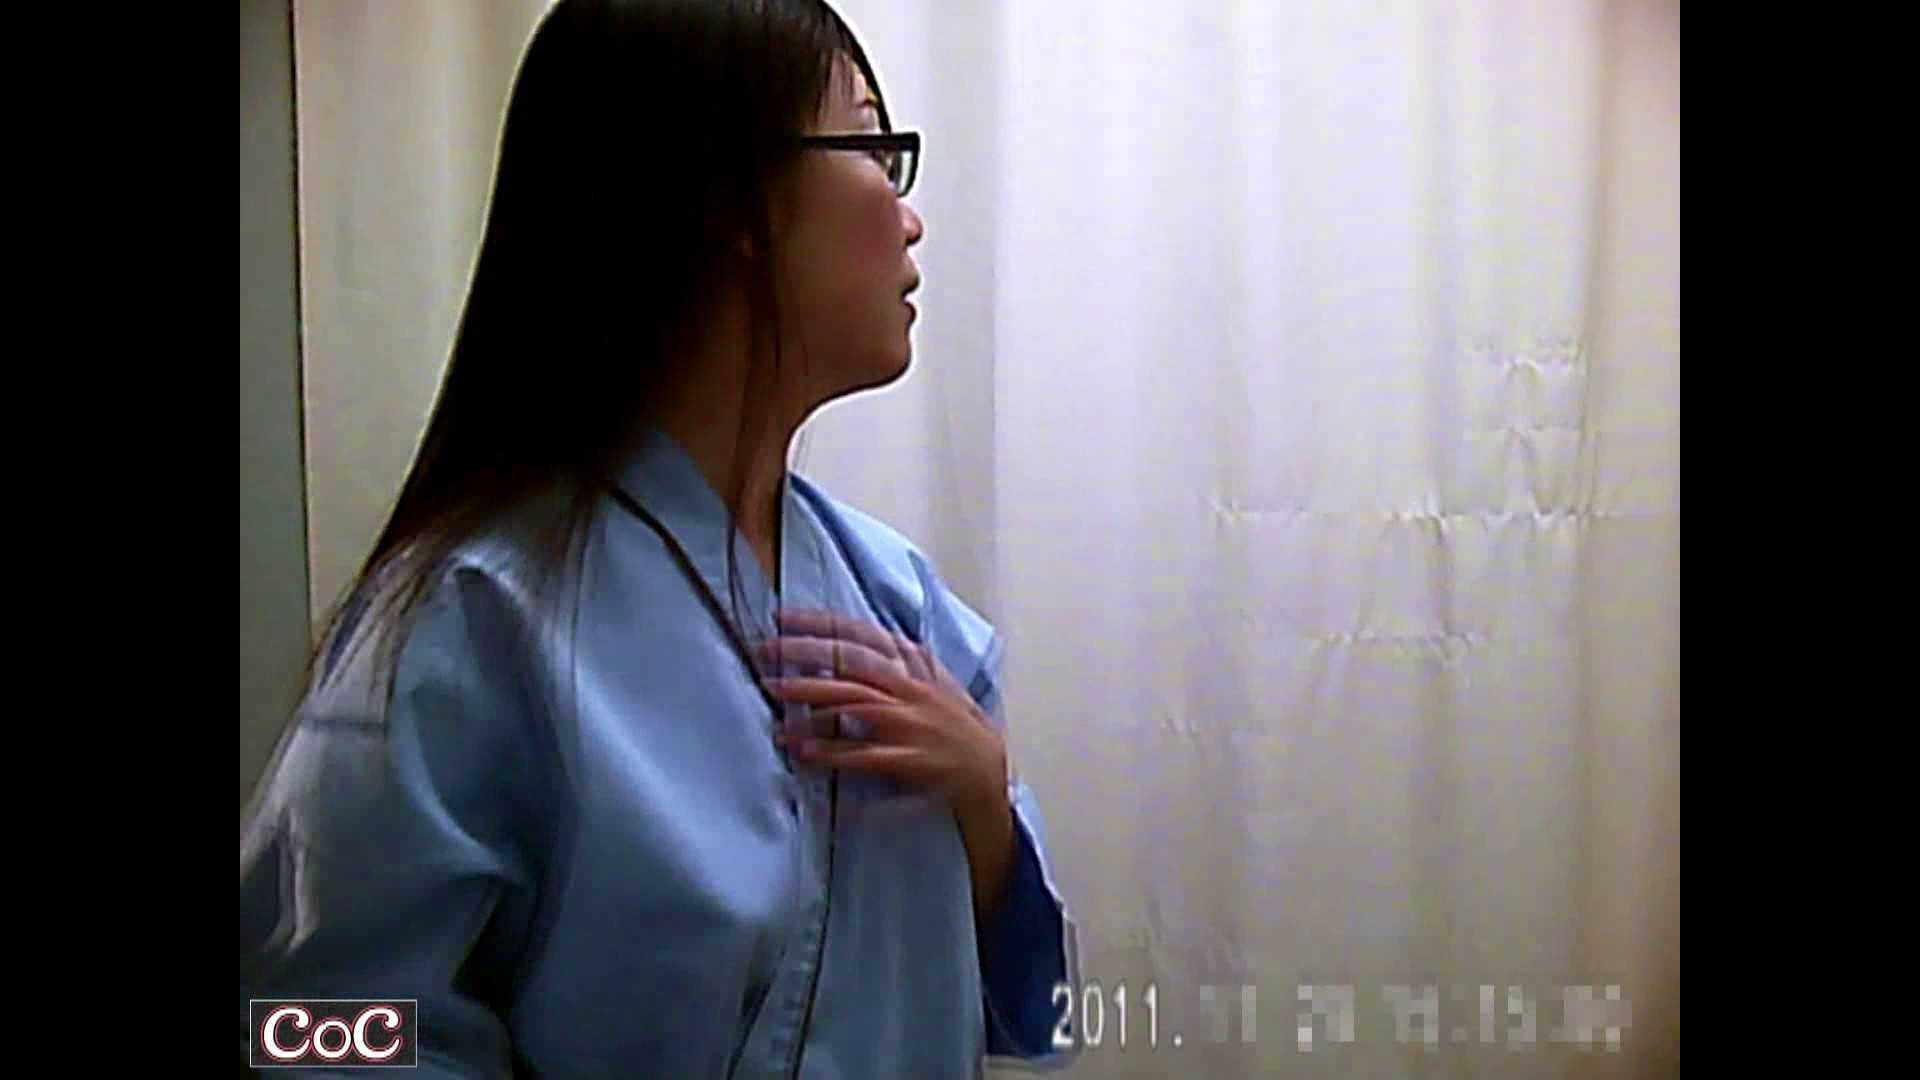 病院おもいっきり着替え! vol.104 巨乳 | 独身エッチOL  68pic 20